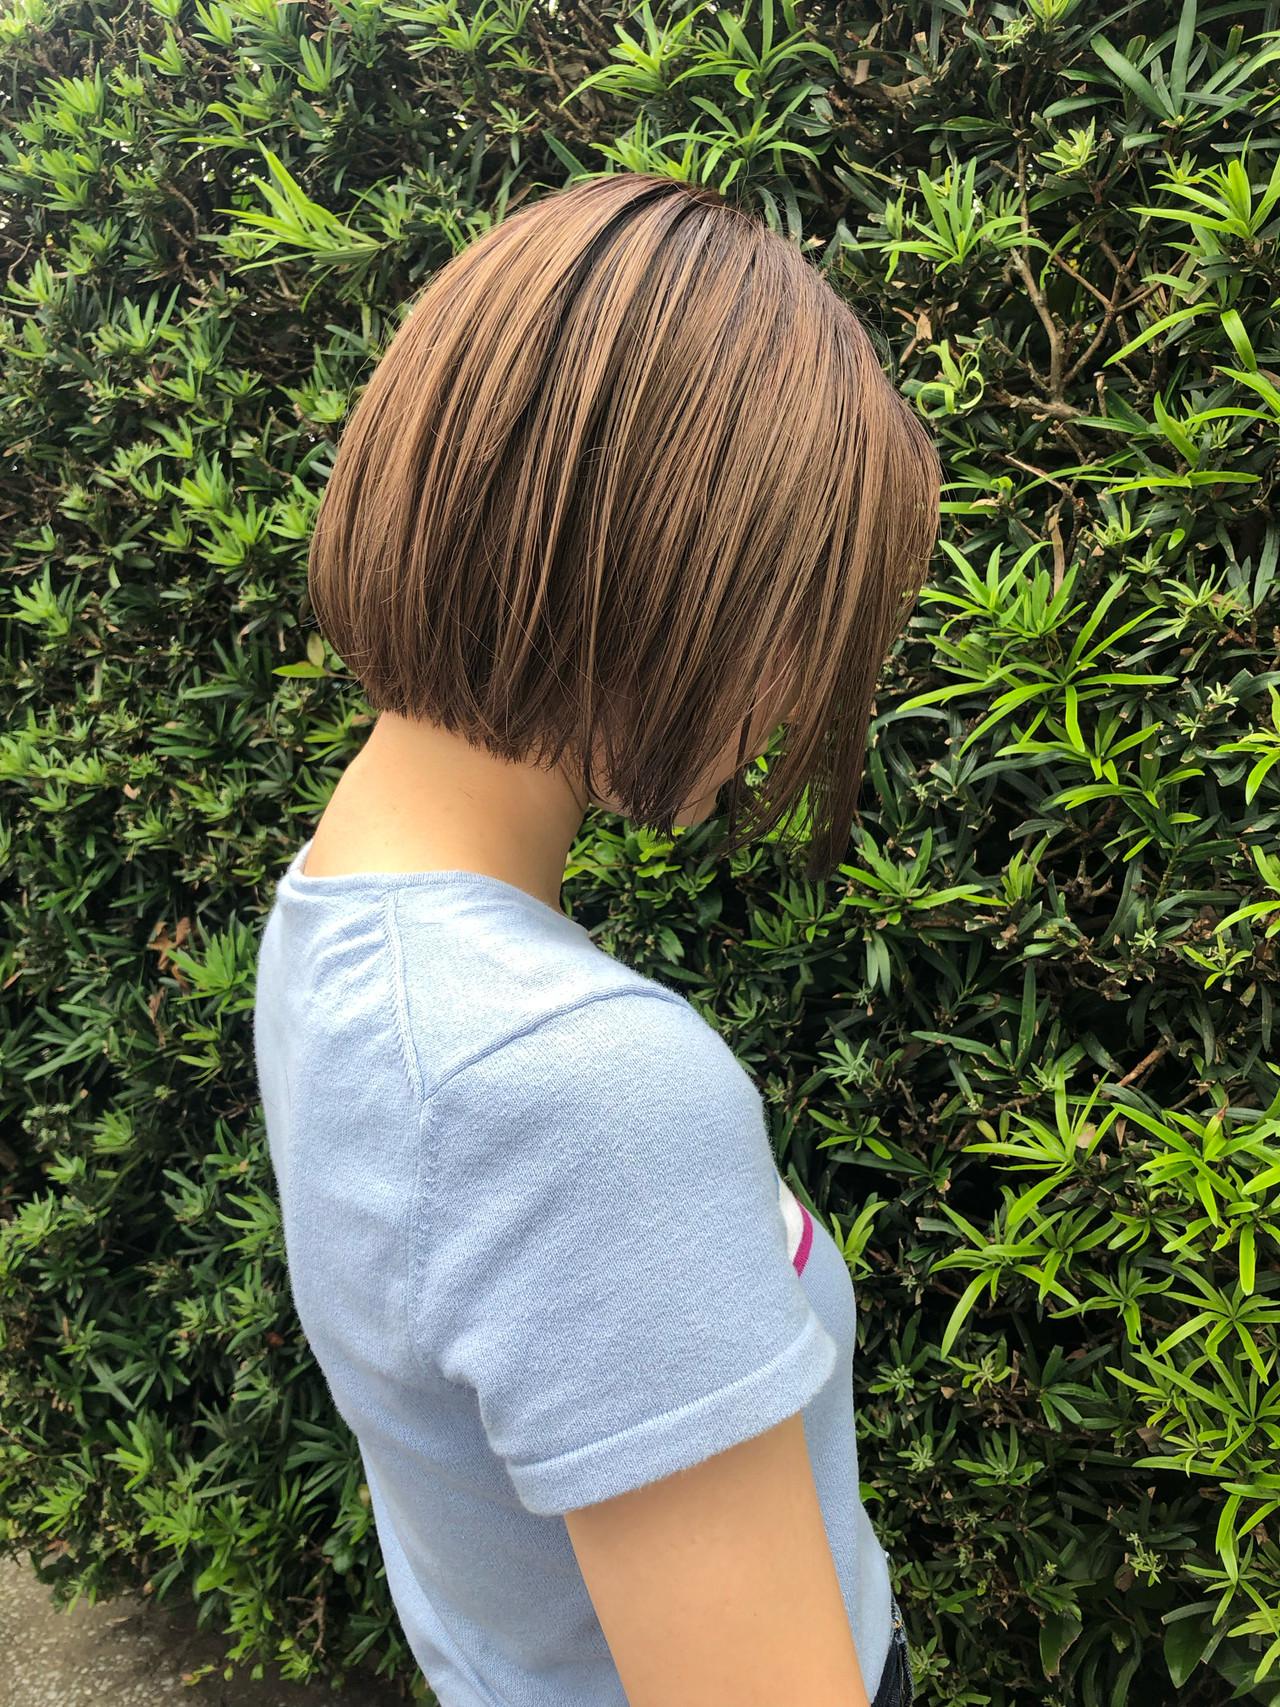 ナチュラル ミニボブ 切りっぱなしボブ ショート ヘアスタイルや髪型の写真・画像 | 岩切 祐樹 / hair make No.8